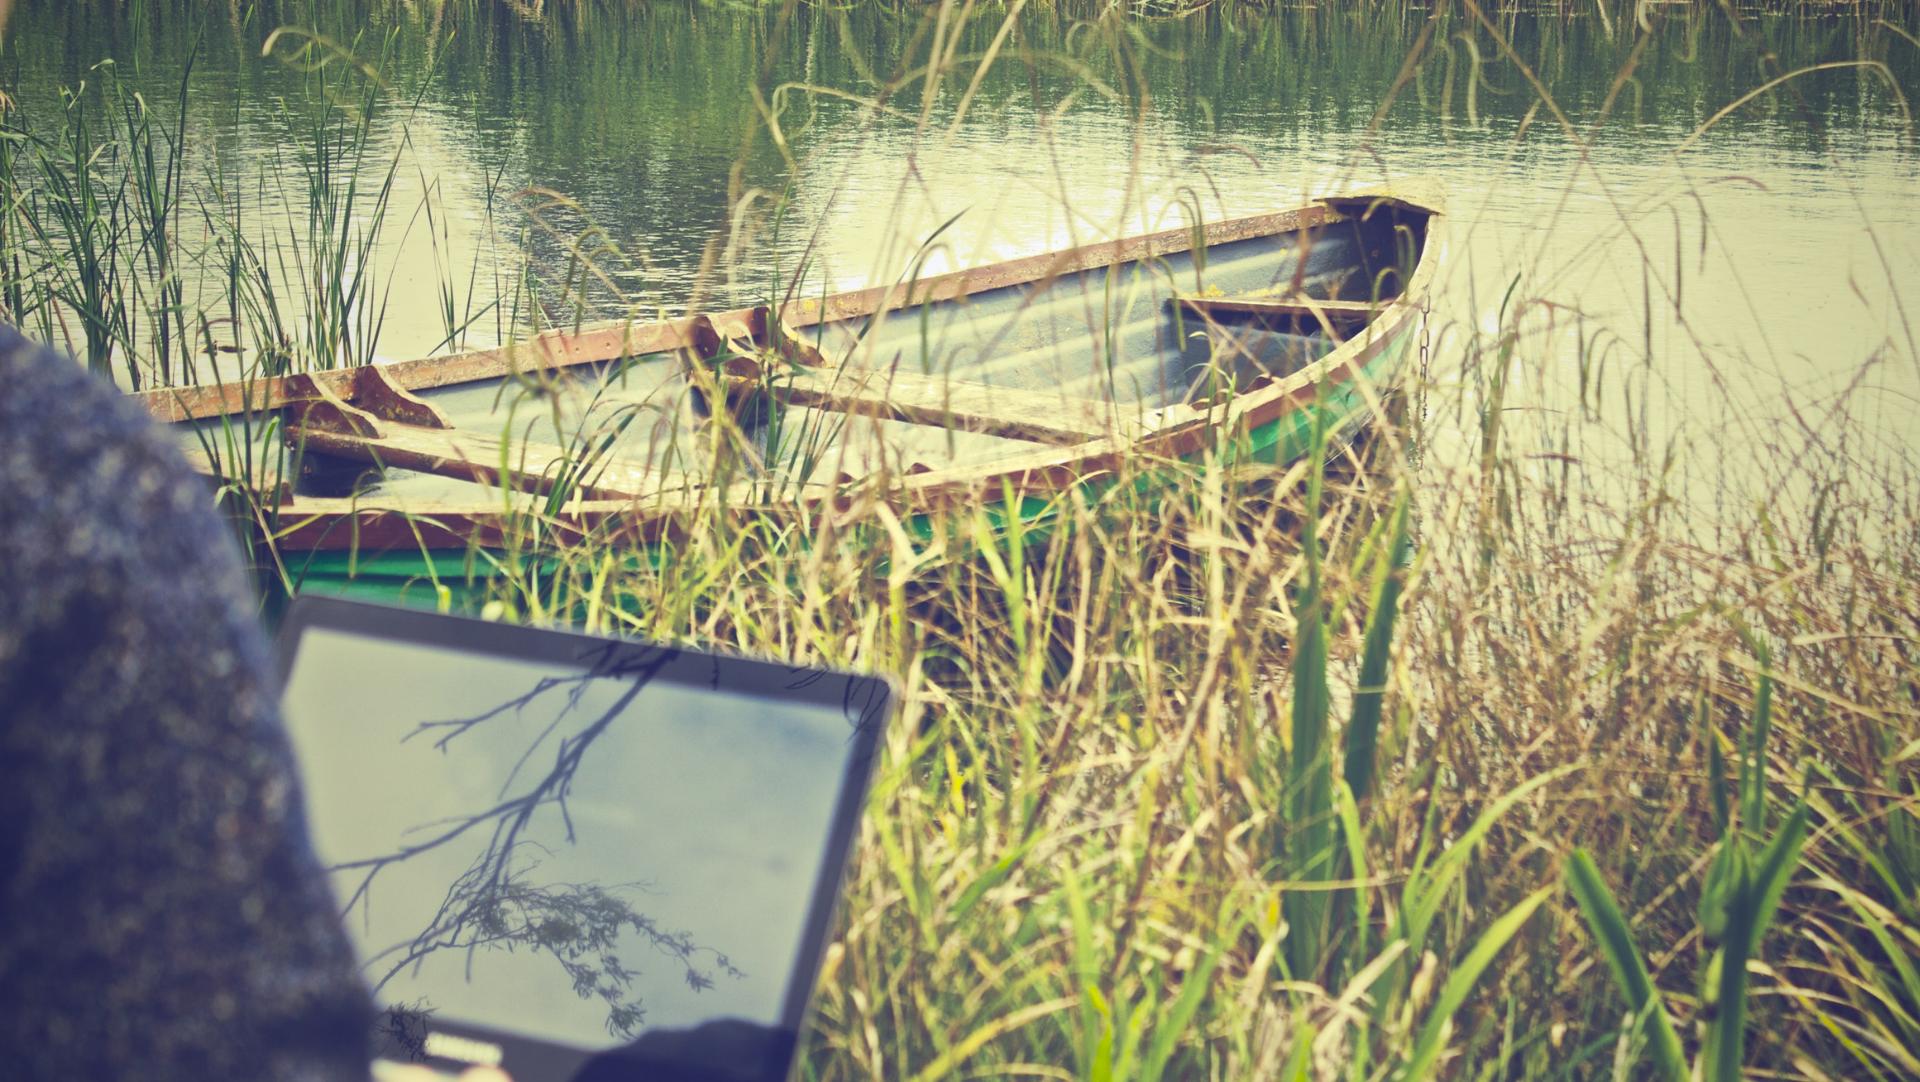 Perché investire nell'Agile Working per migliorare l'efficienza aziendale